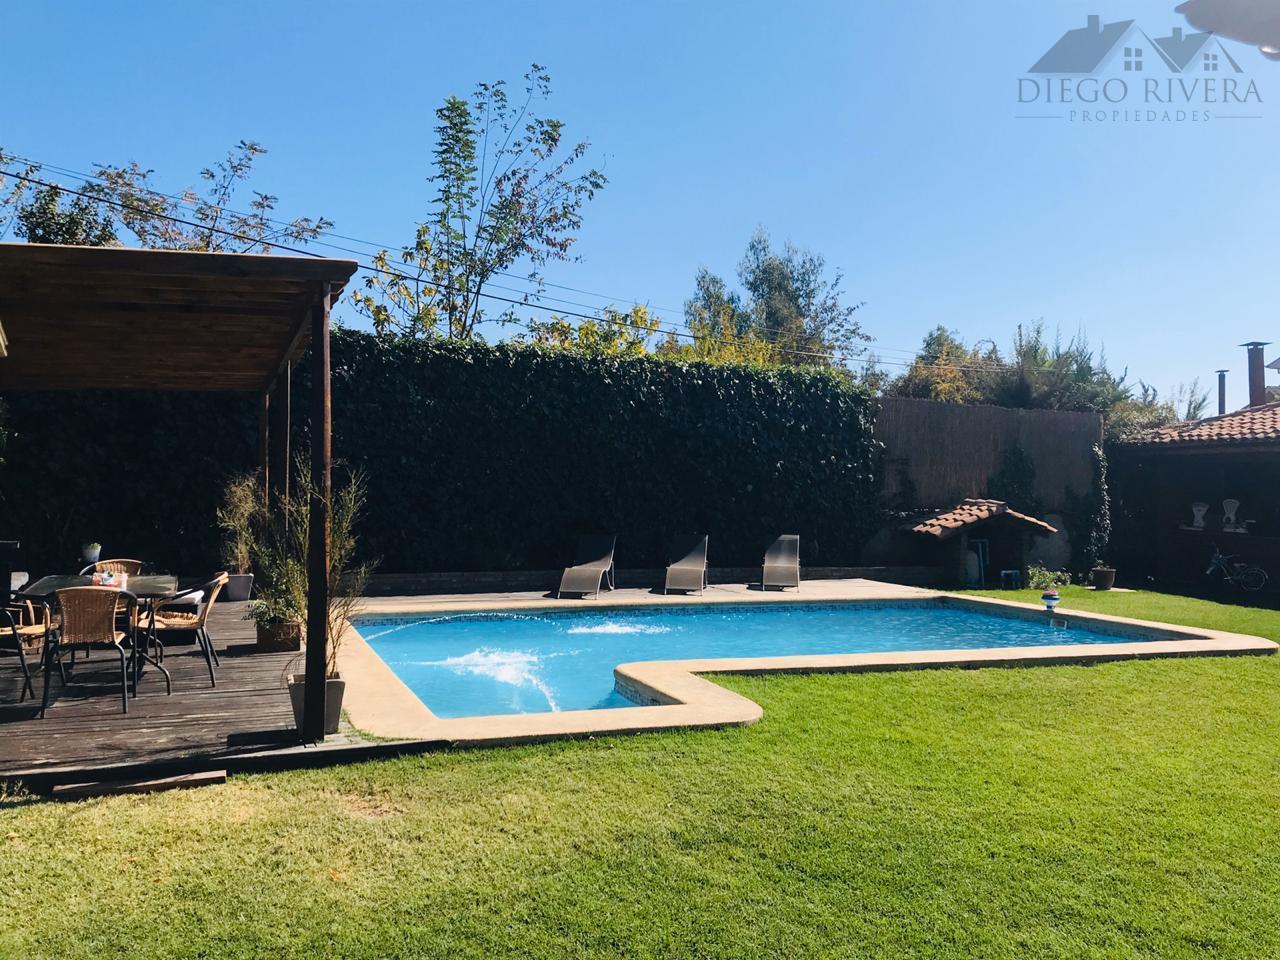 Vendo Hermosa Casa Cond. Huertos de Don Ignacio - Machalí